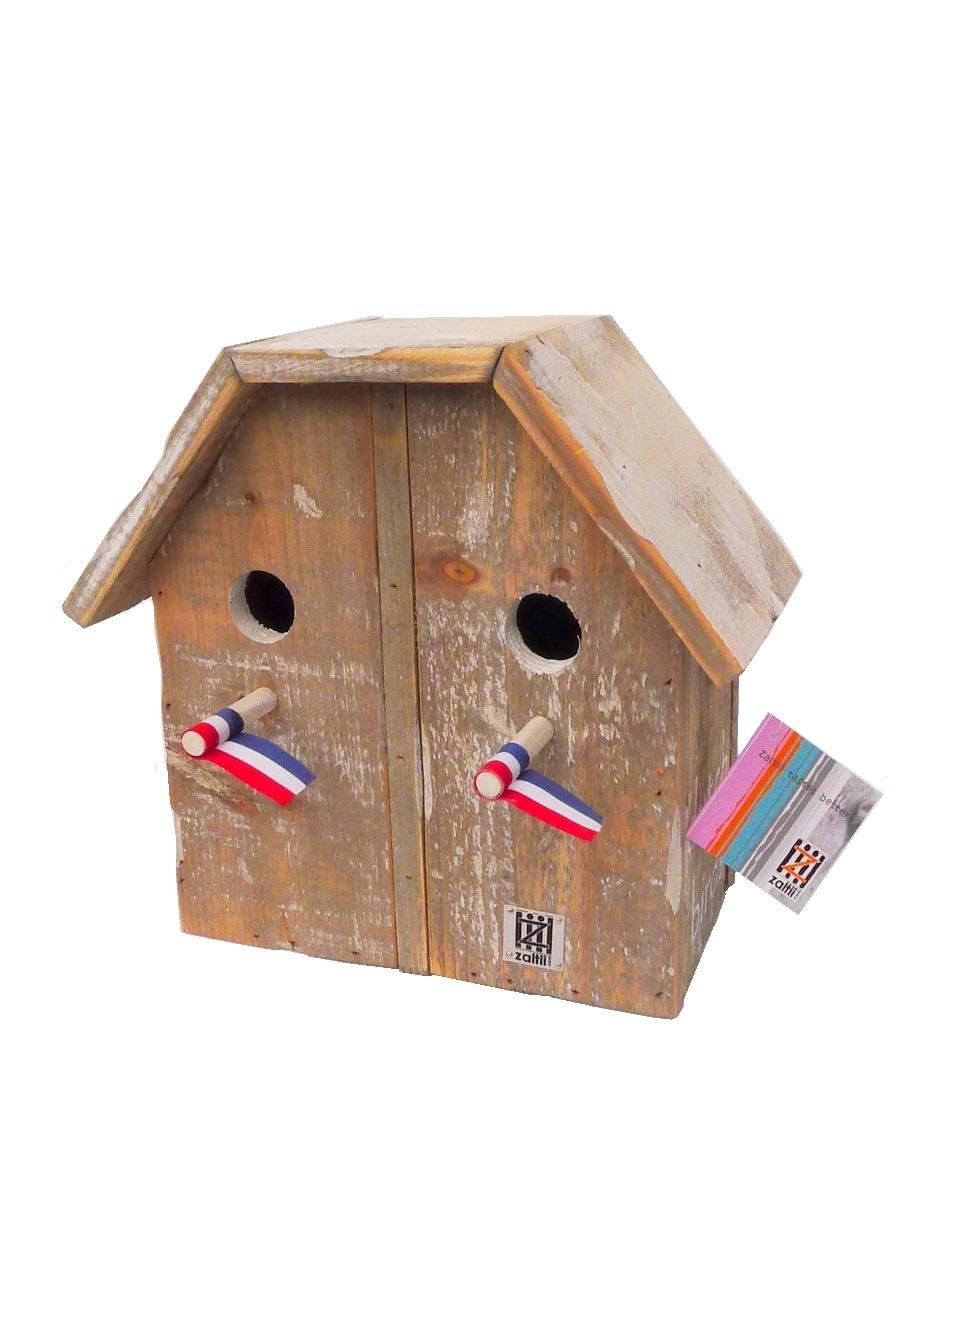 birdhouse old dutch 2 under 1 roof-1